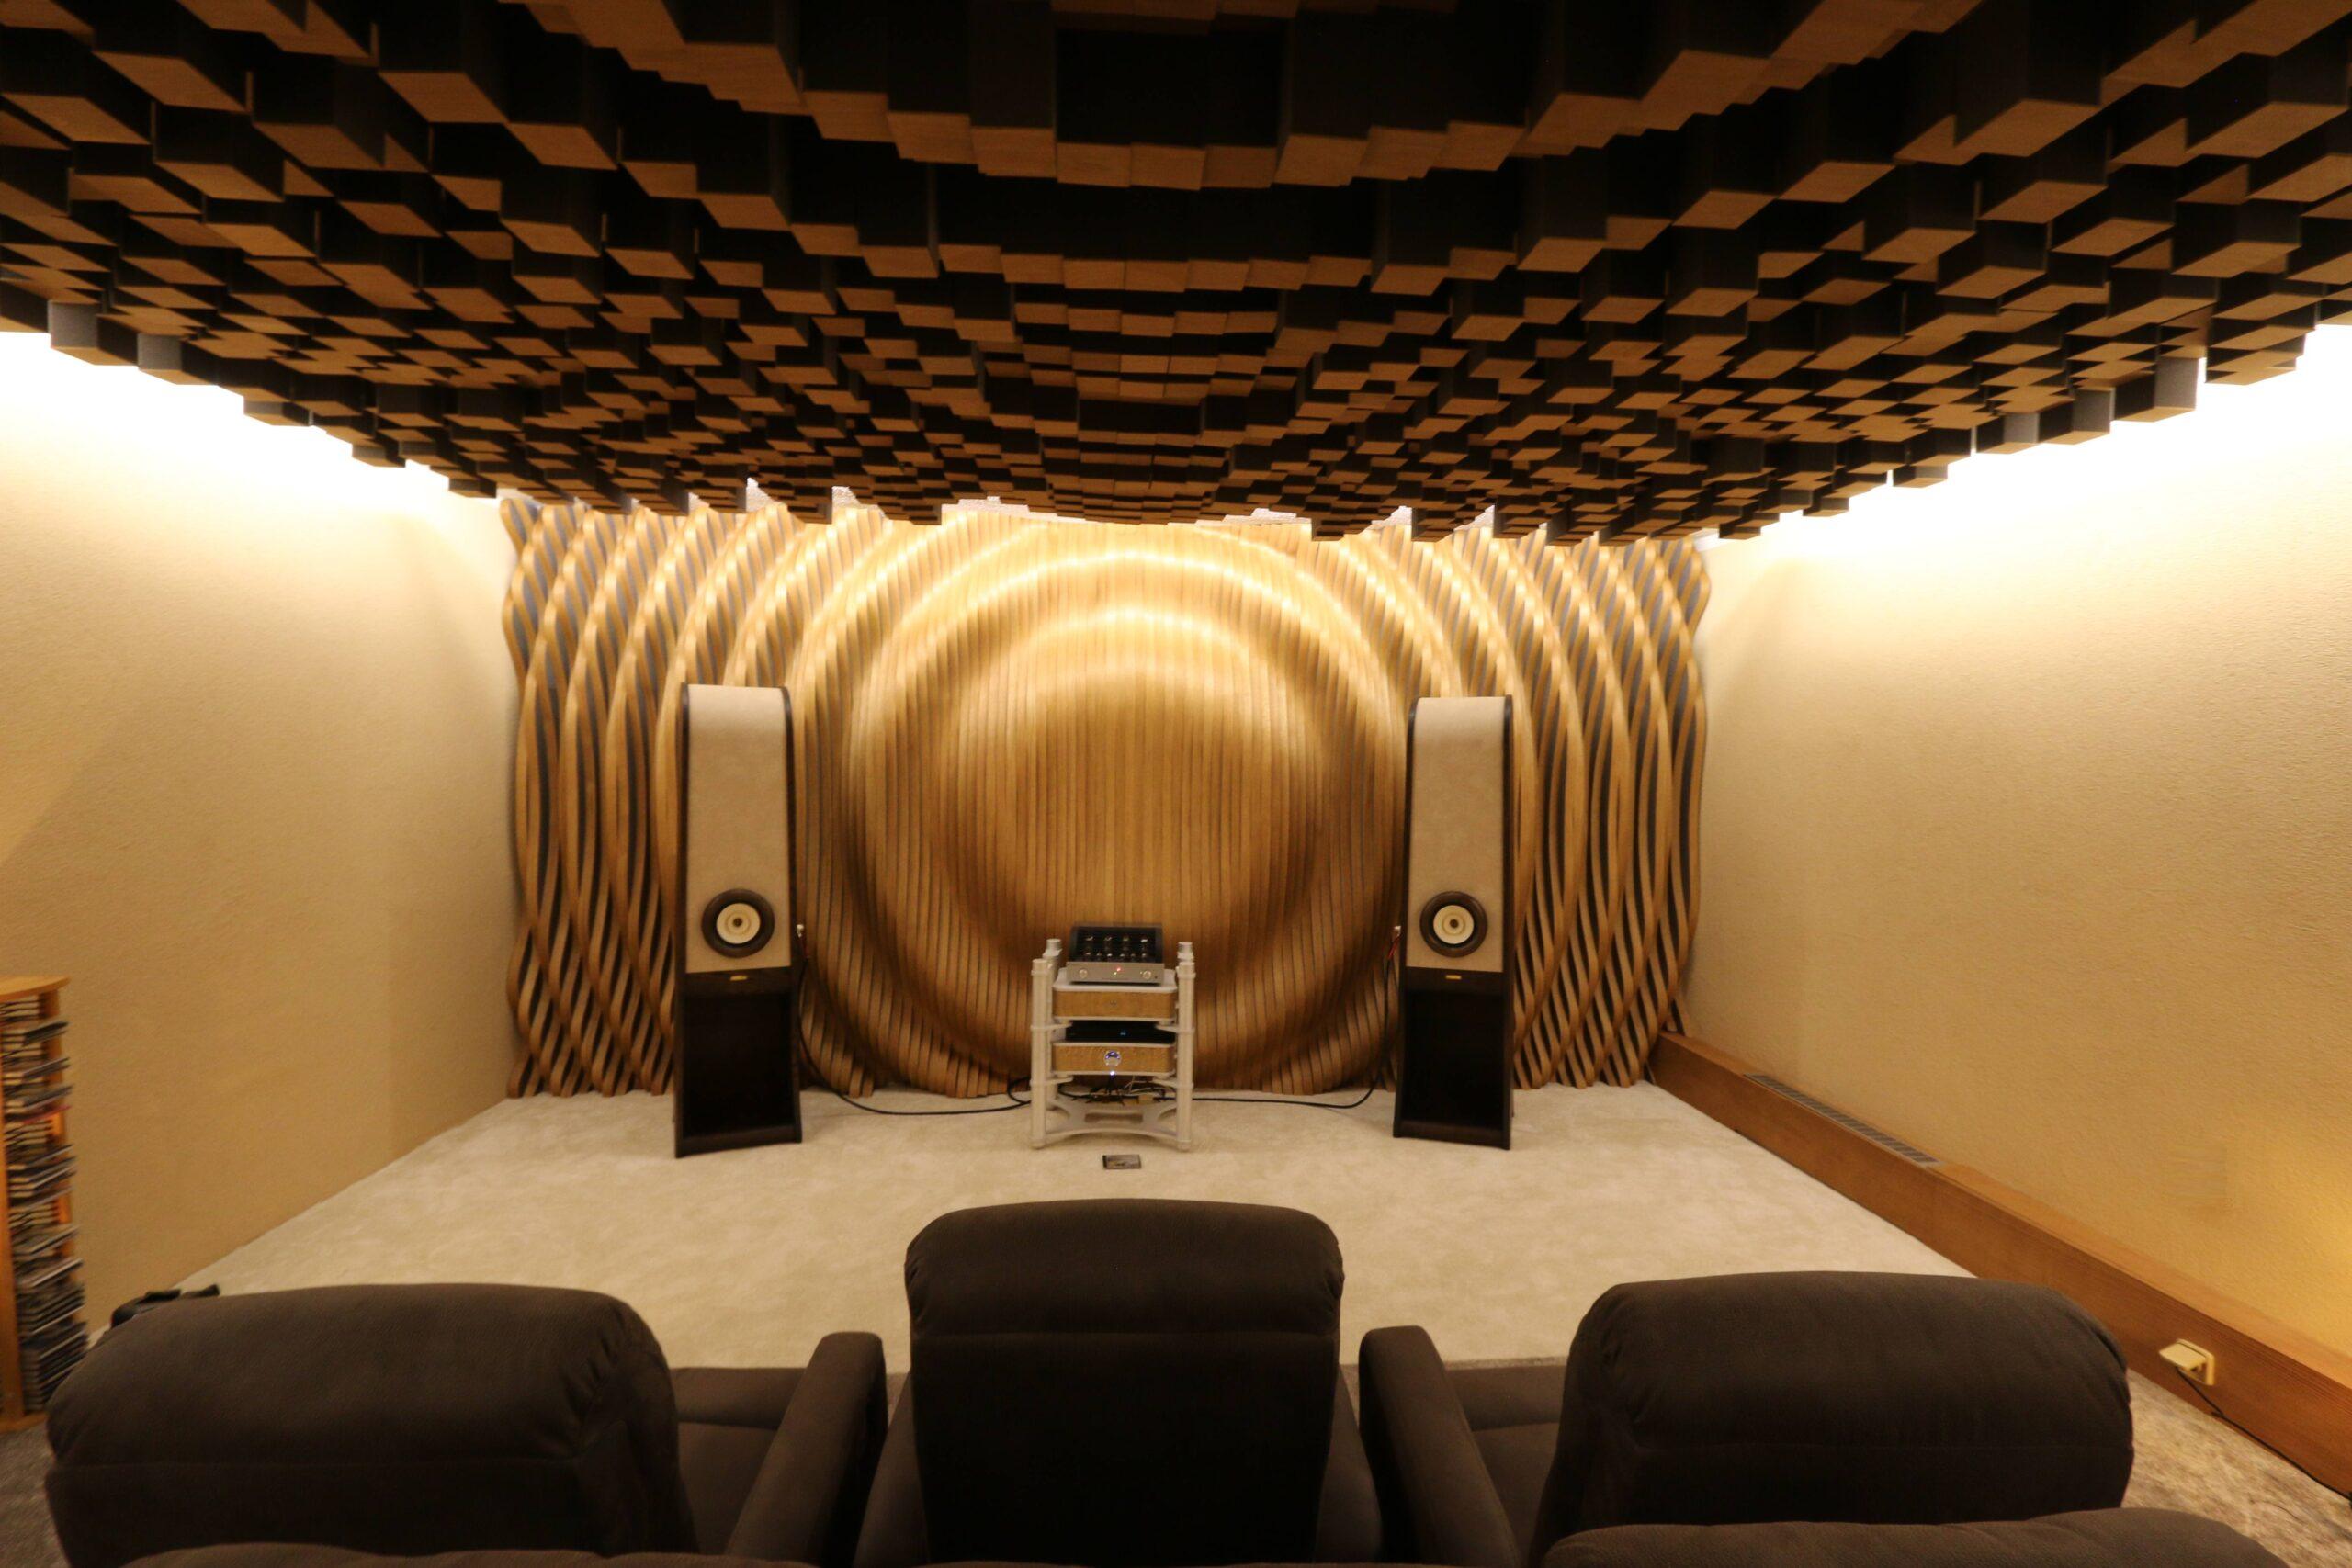 HighEnd-Listening-room-RDacoustic-1-1-scaled.jpg